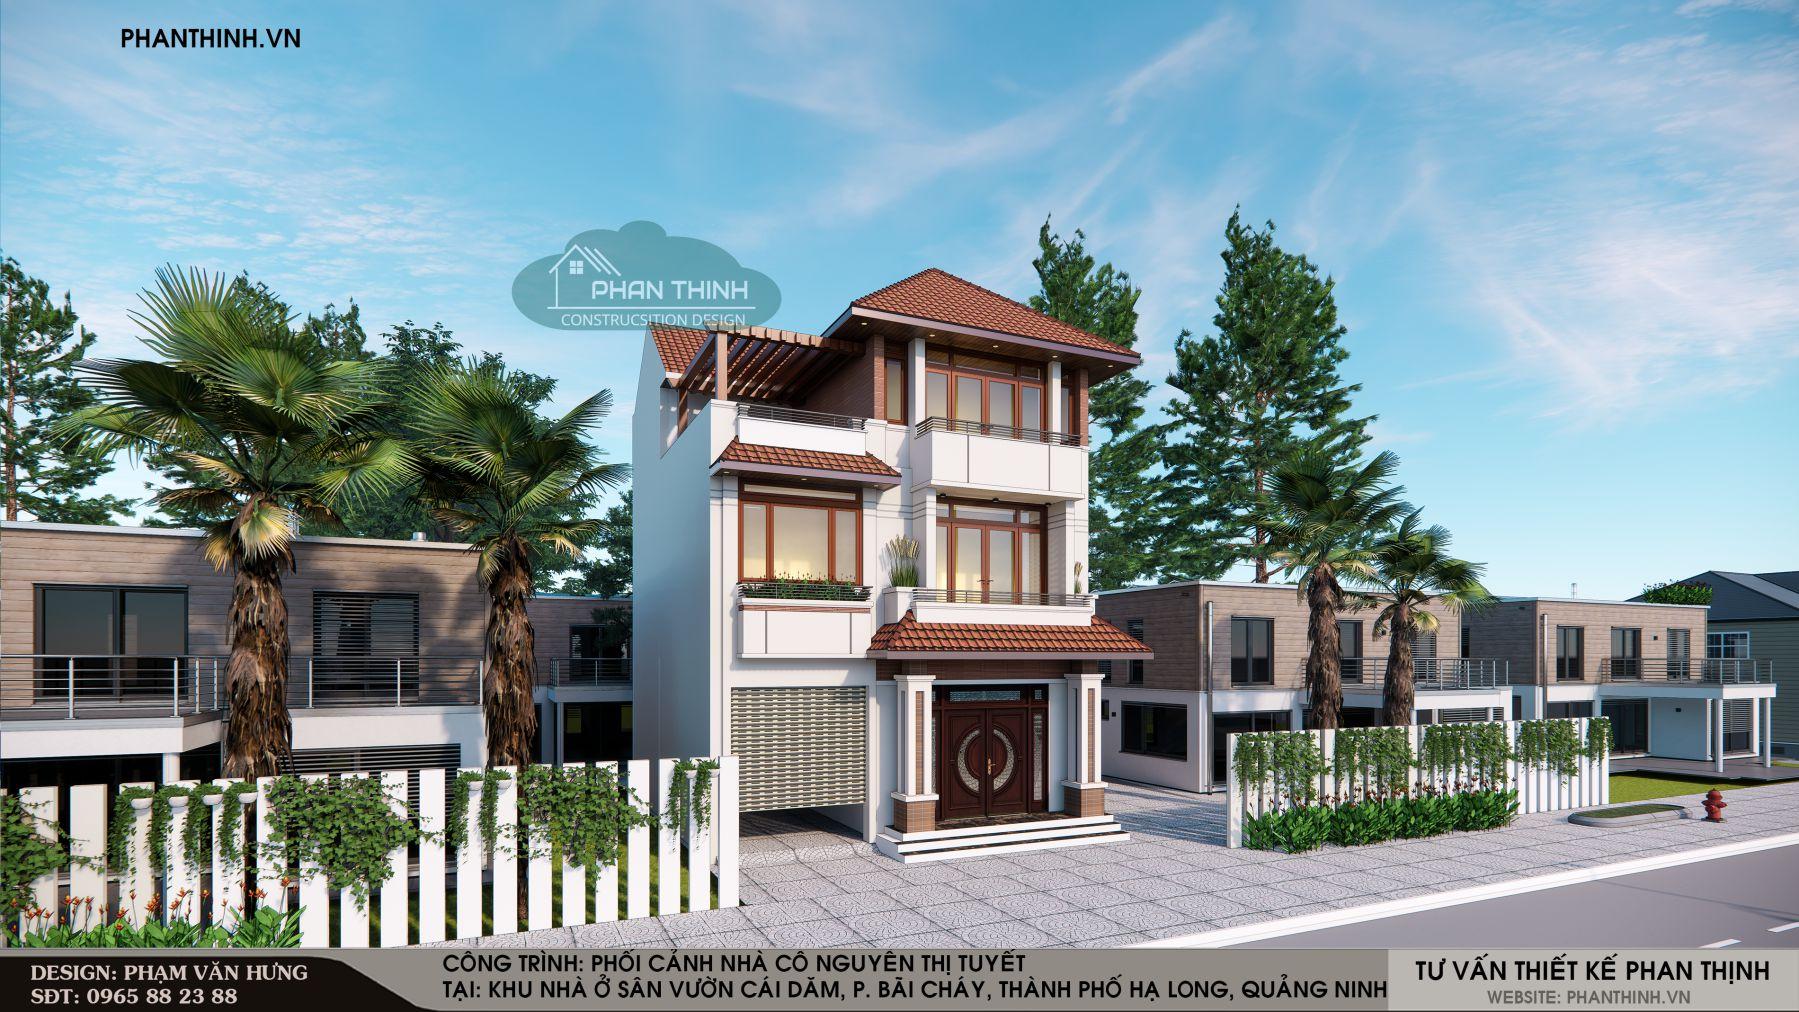 Phương án thiết kế nhà mái thái phong cách hiện đại, 3 tầng, mặt tiền 10m